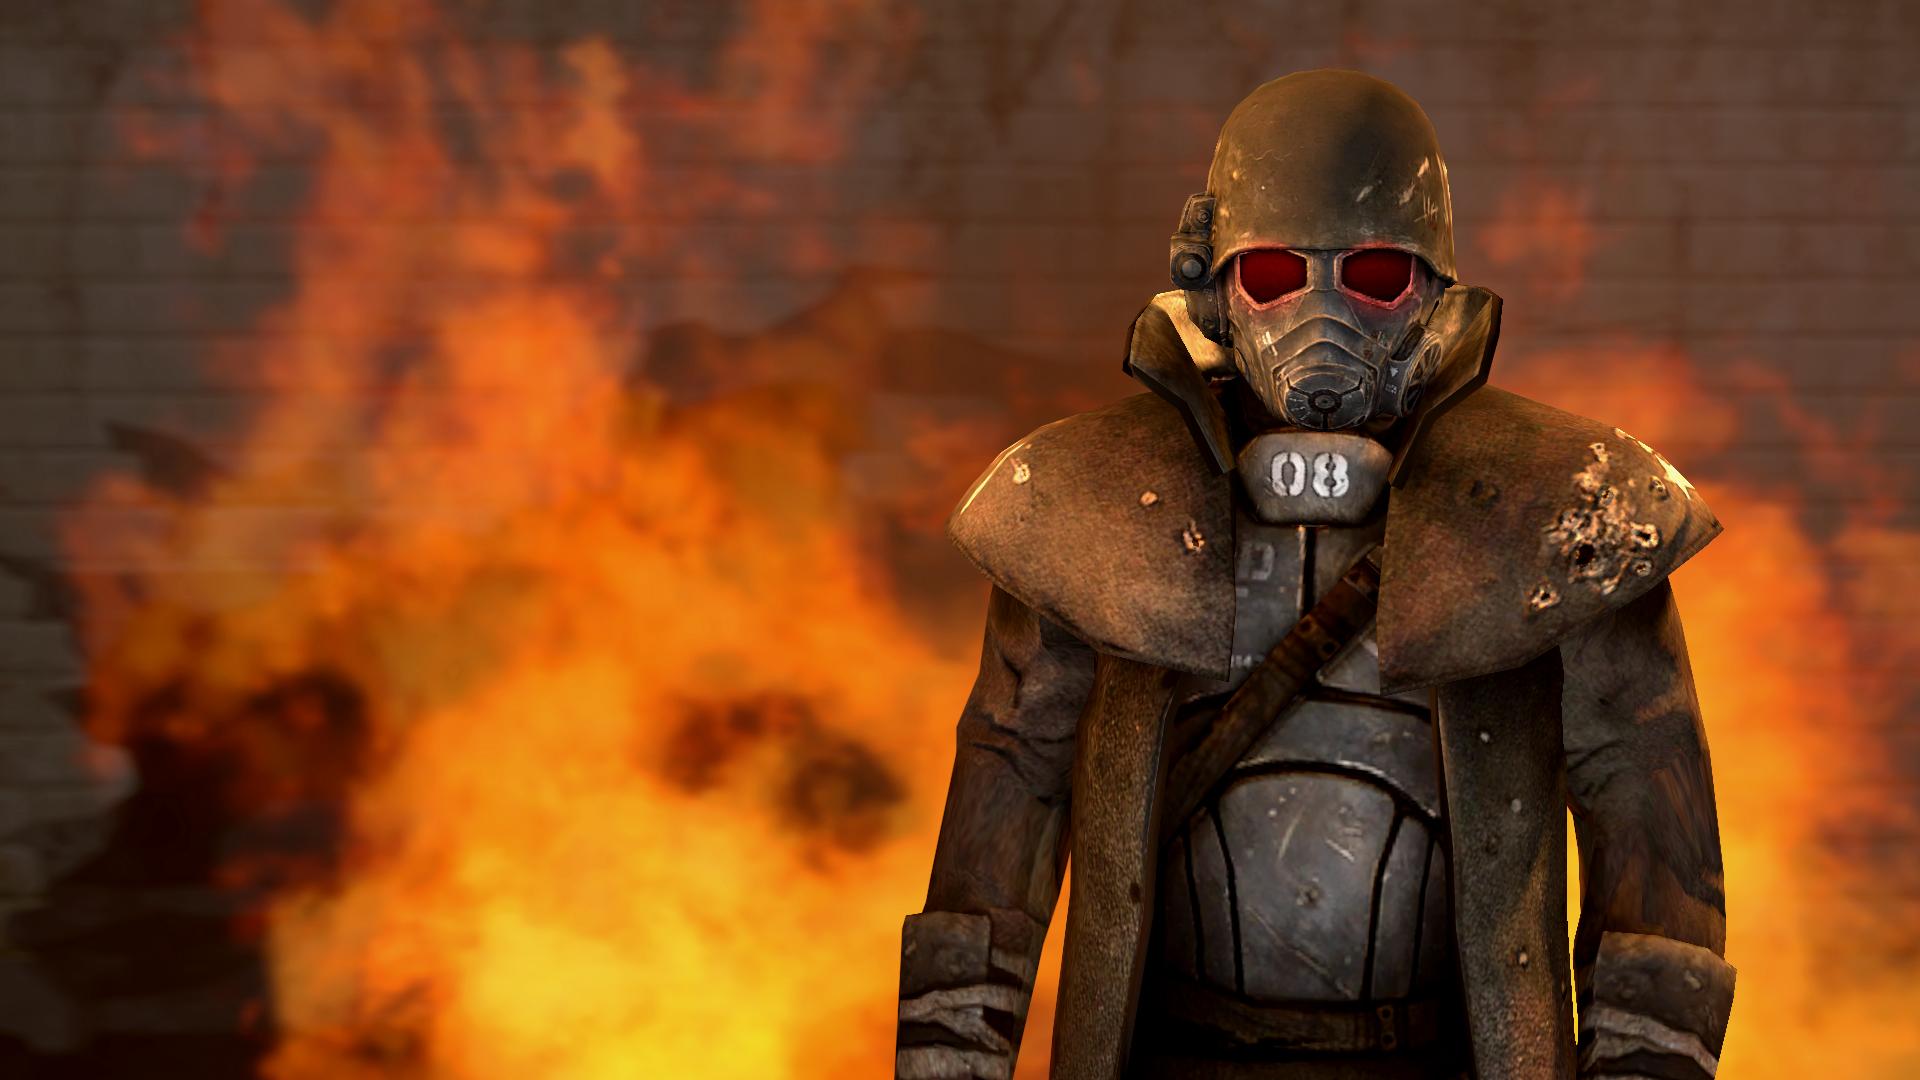 Sfm Fallout New Vegas Ncr Ranger By 360prankster On Deviantart